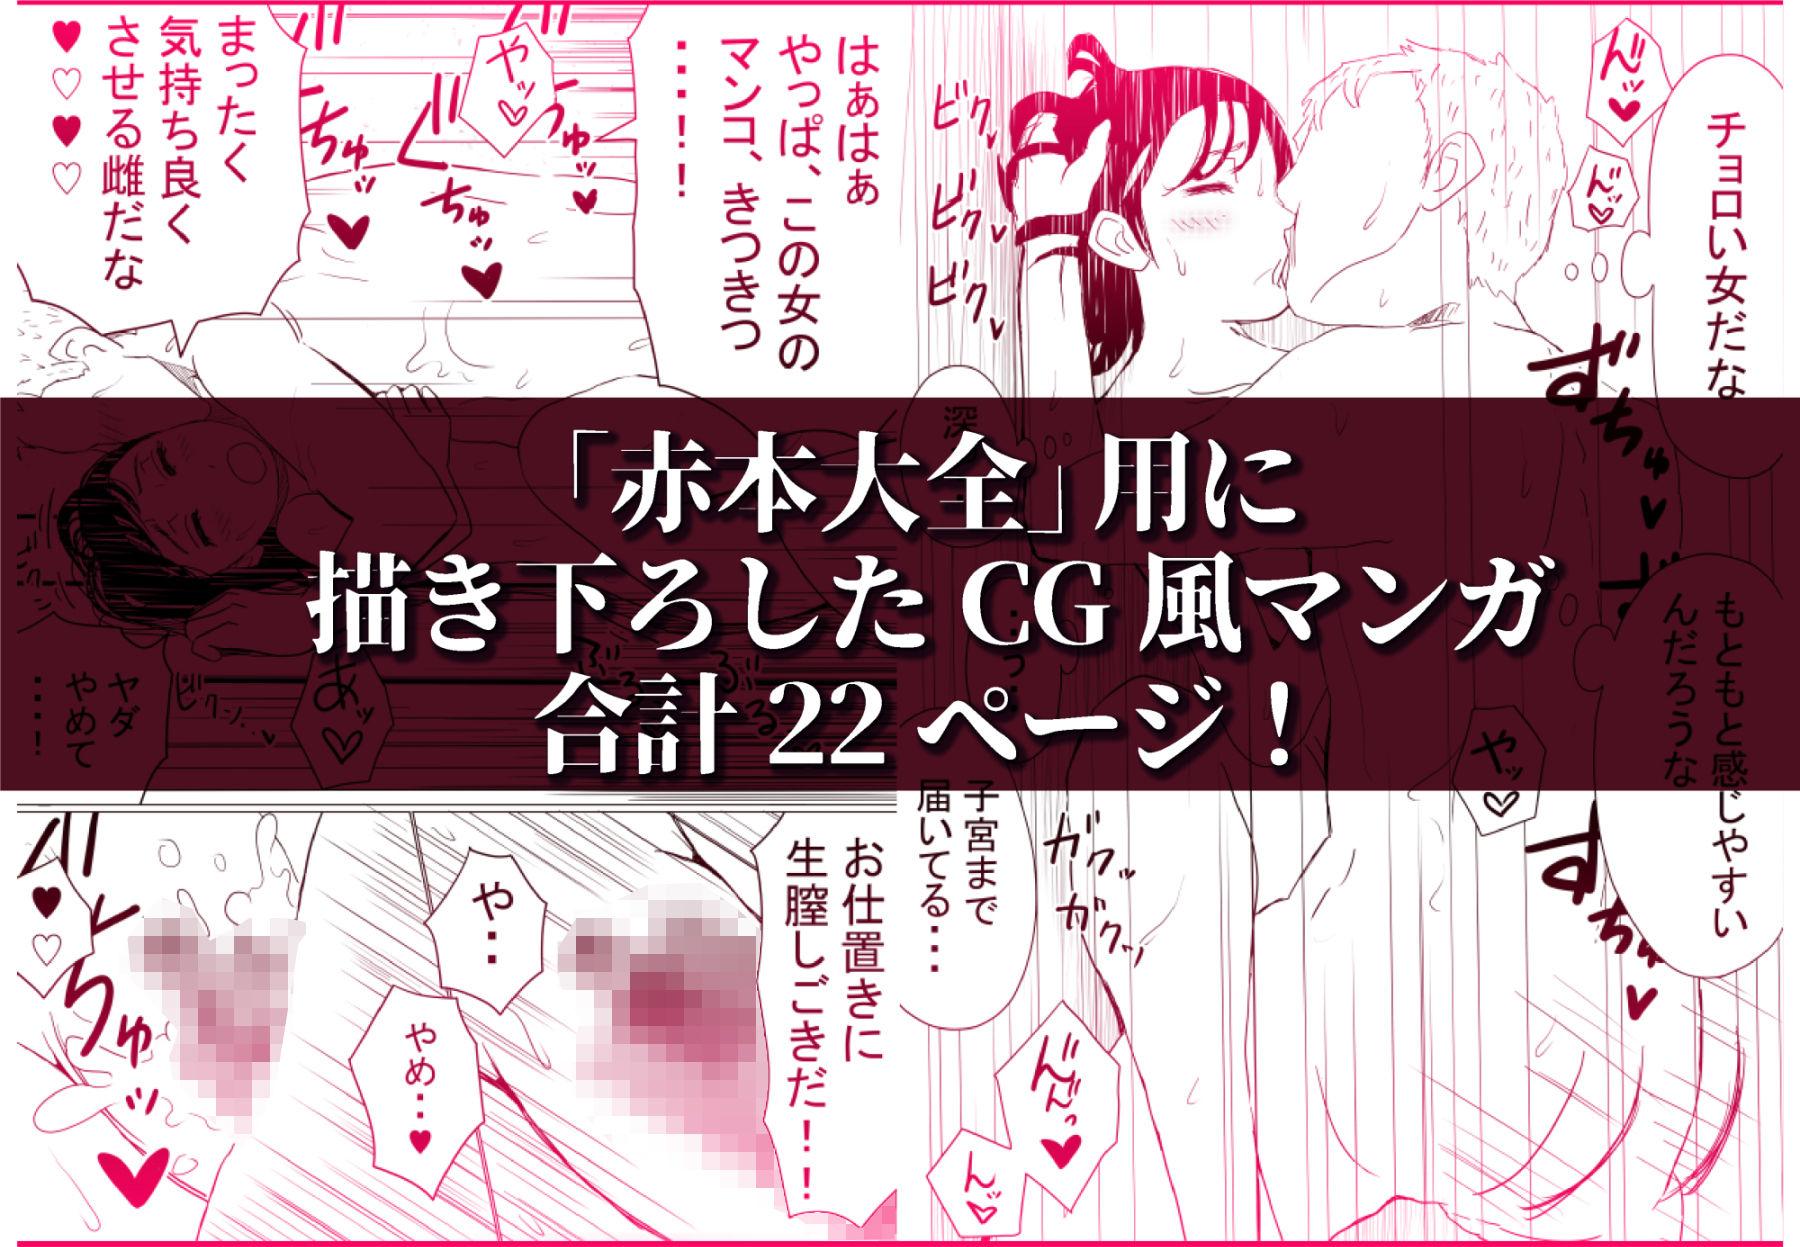 赤本大全【同人エロ漫画】(赤本アカモト)5